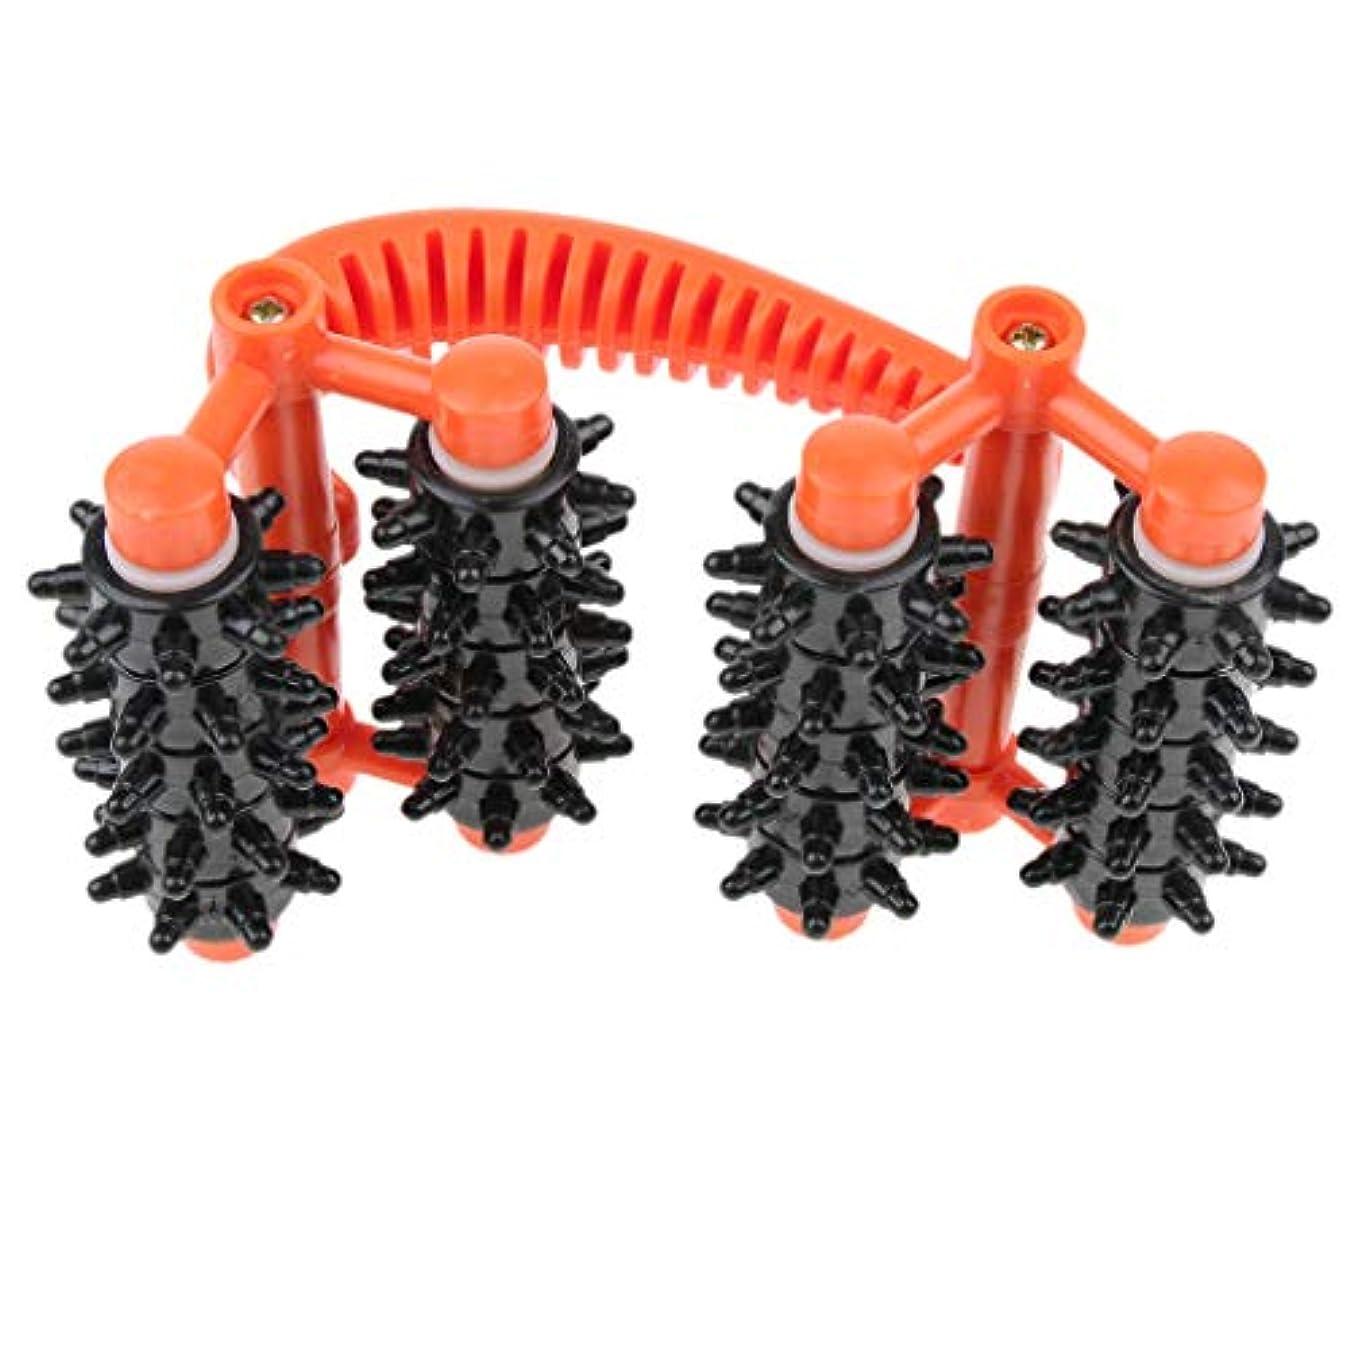 化合物冬選択sharprepublic マッサージローラーホイール 全身マッサージ 設置 簡単 マッサージツール ビジネスギフト